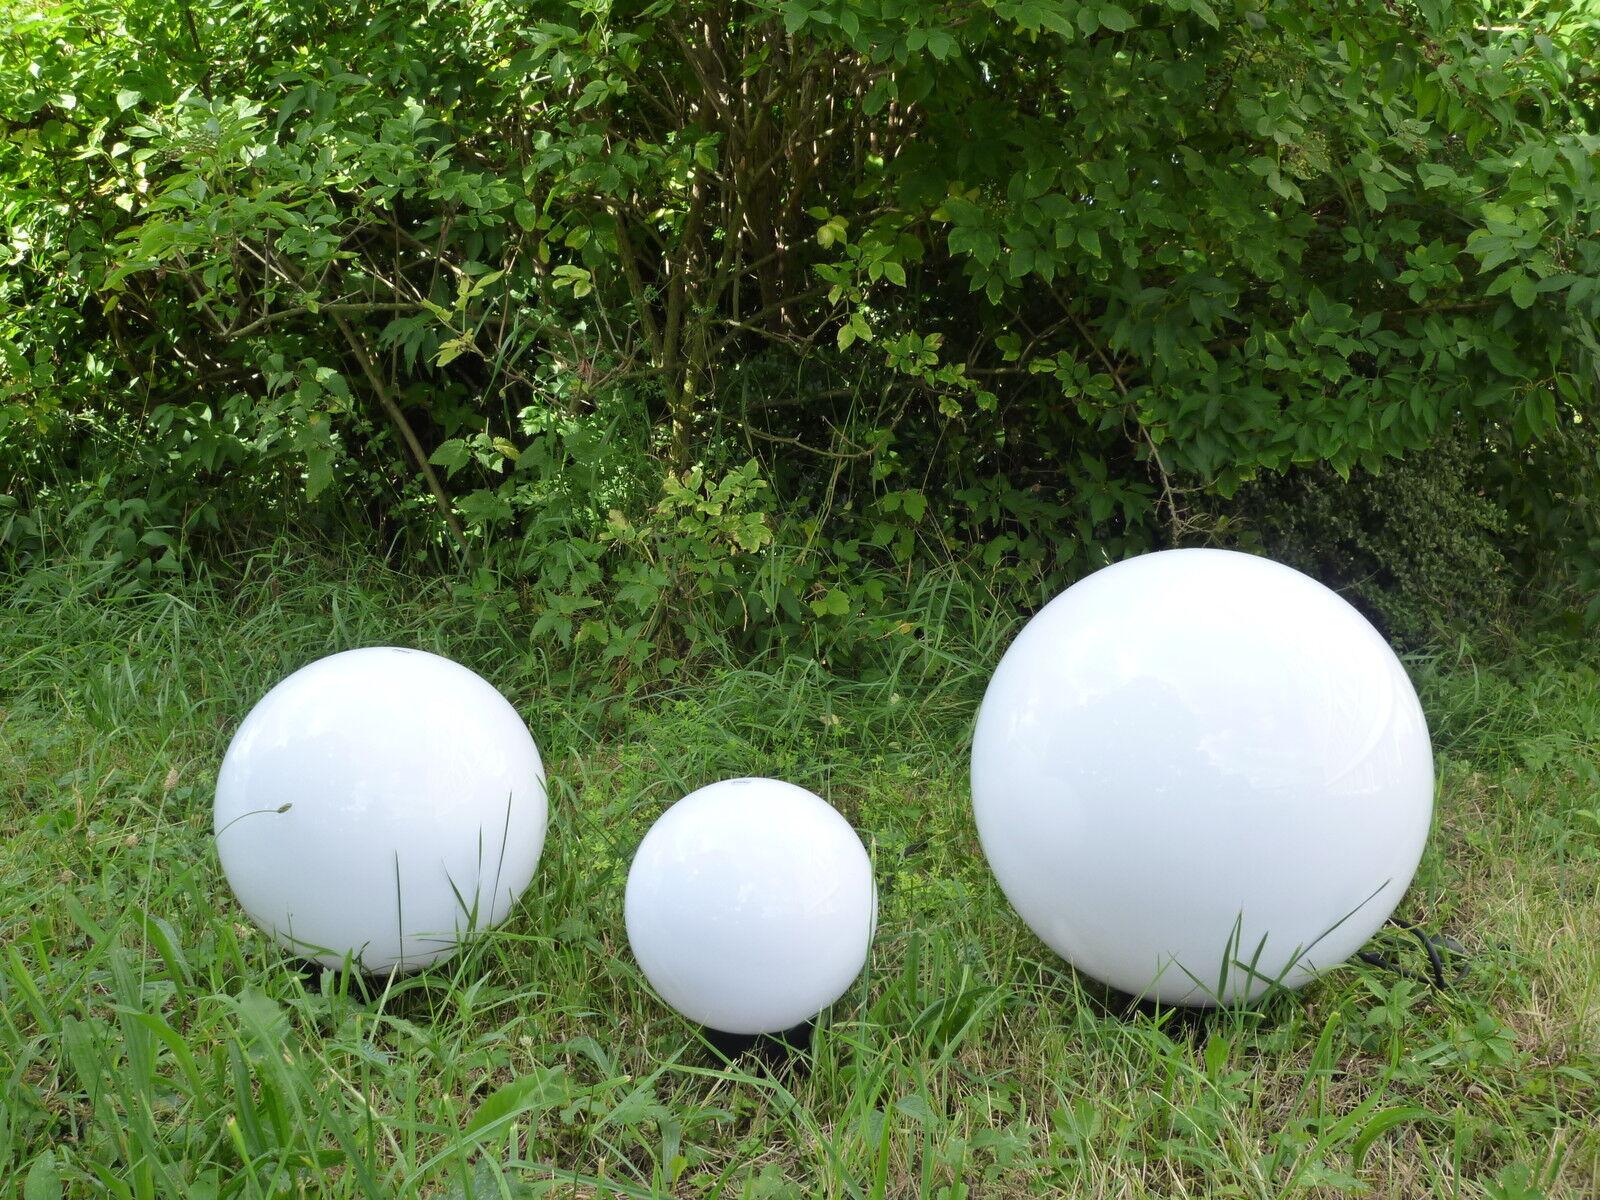 Kugelleuchte Gartenkugel Kugellampe Set MARLON Außen Gartenbeleuchtung mit Strom